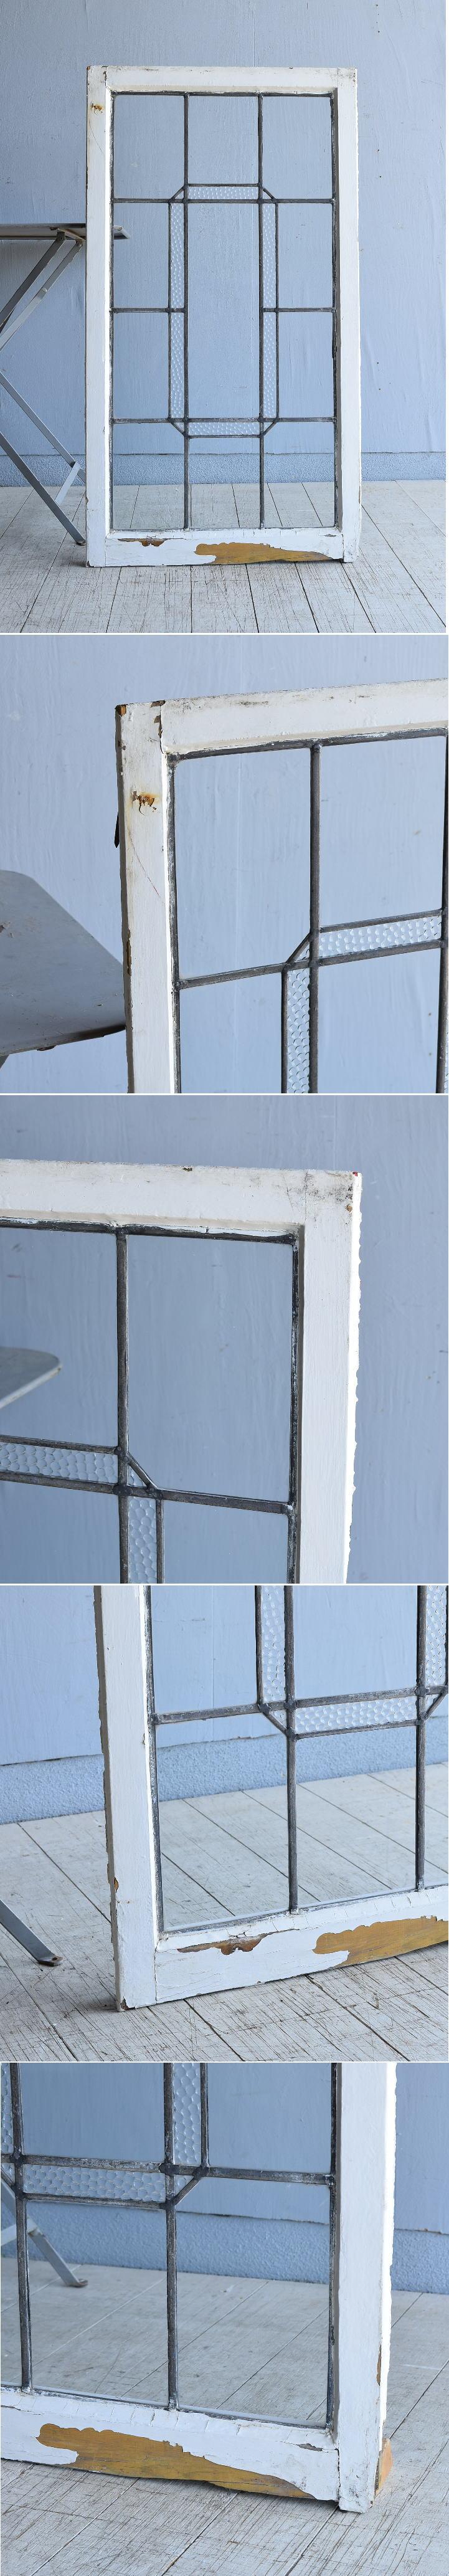 イギリス アンティーク 窓 無色透明 8002